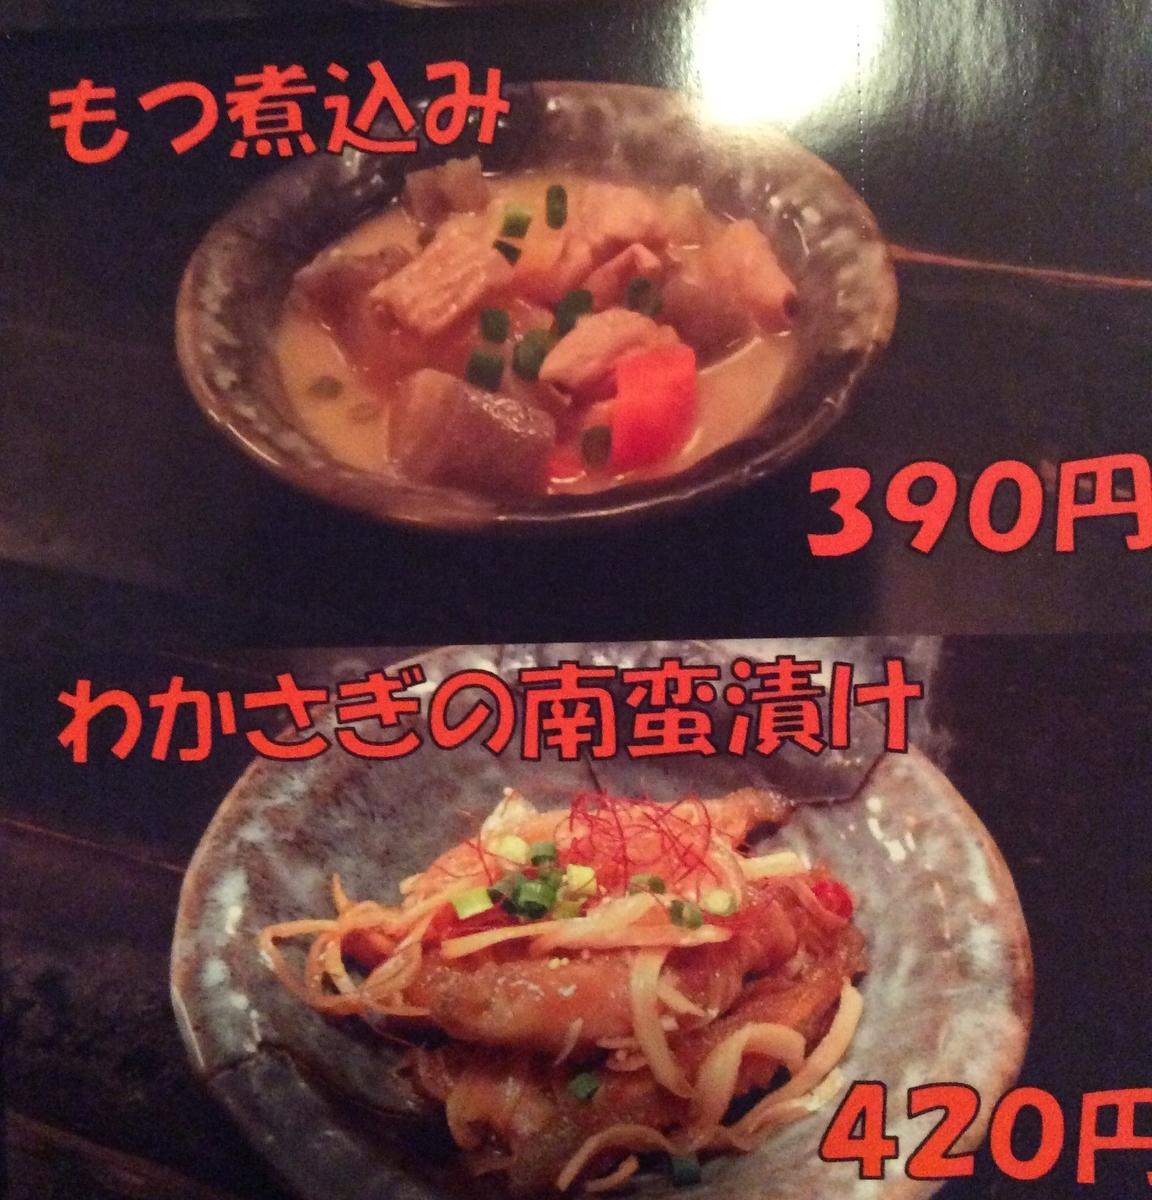 f:id:mikyo-ya:20200123110148j:plain